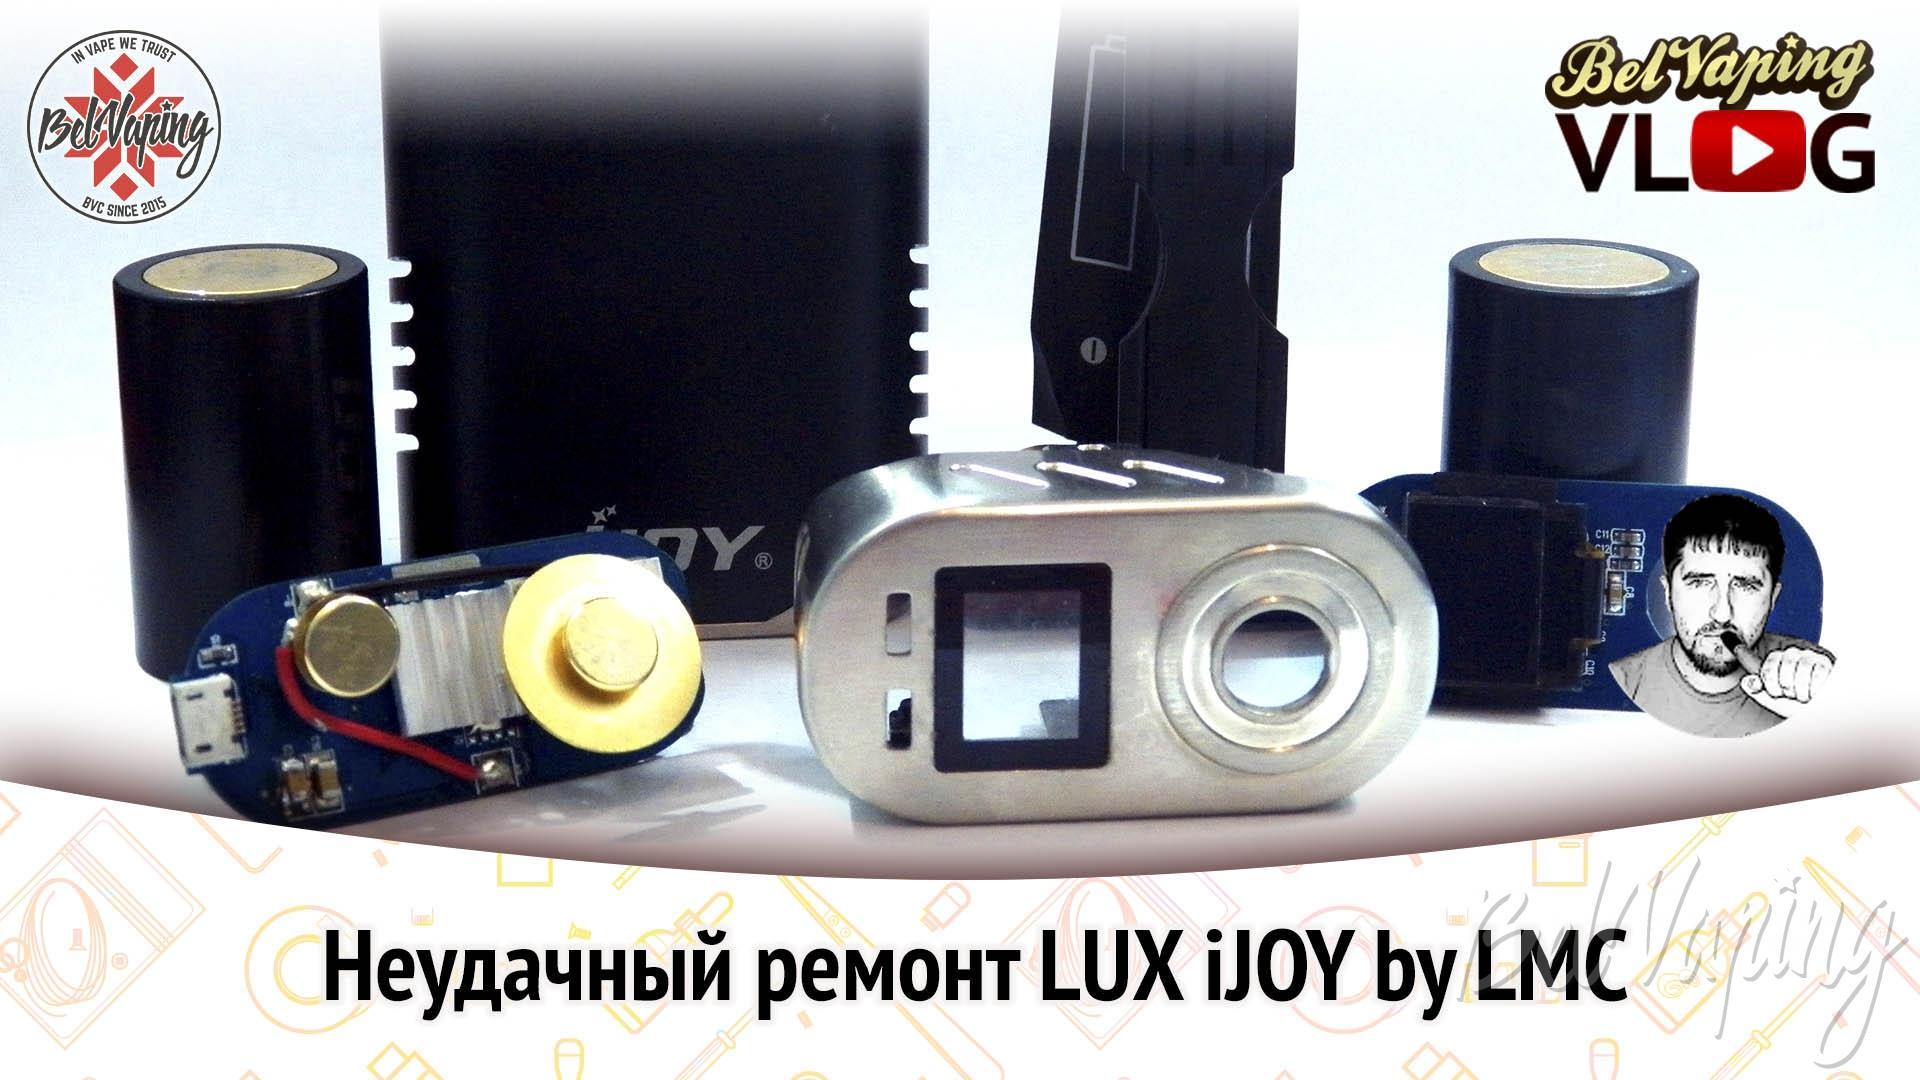 Ремонт IJOY LMC LUX 215W.